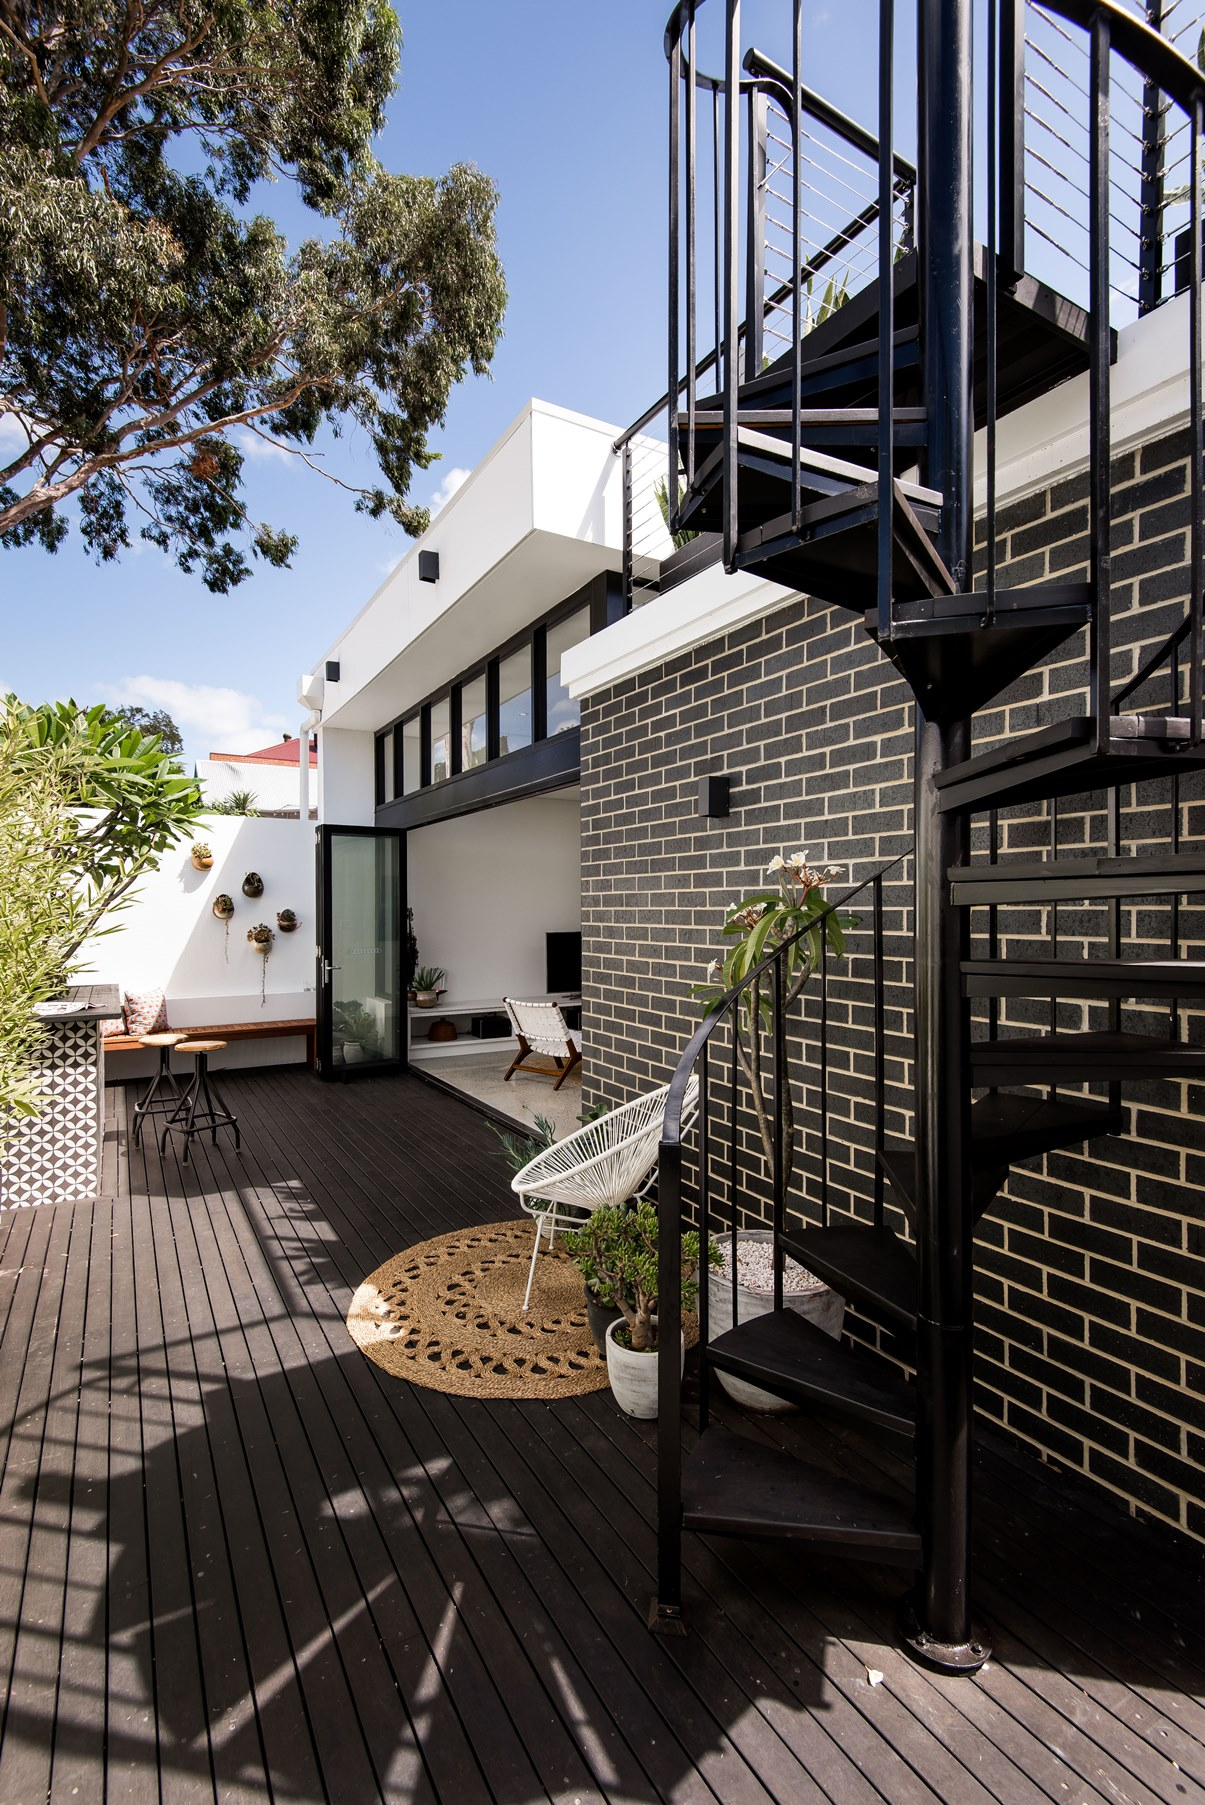 West_Leederville_courtyard_exterior_by_Studio_Atelier.jpg